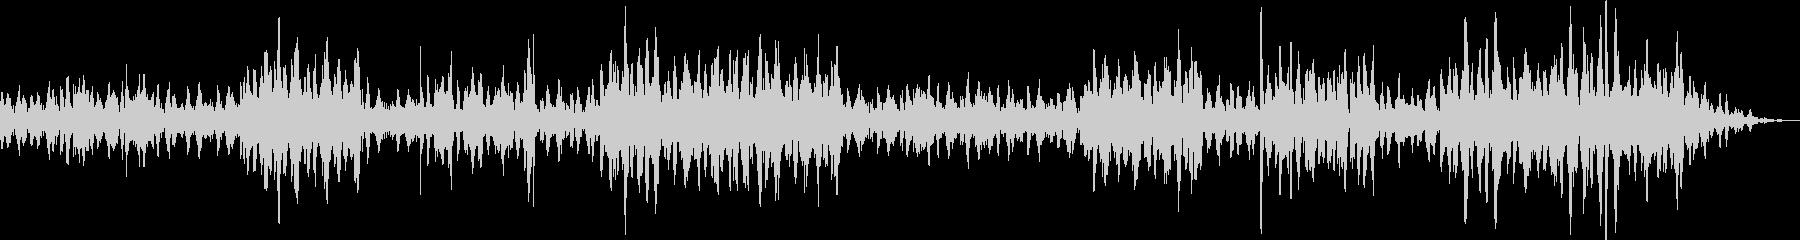 アルペジオが気持ちいいピアノソロの未再生の波形